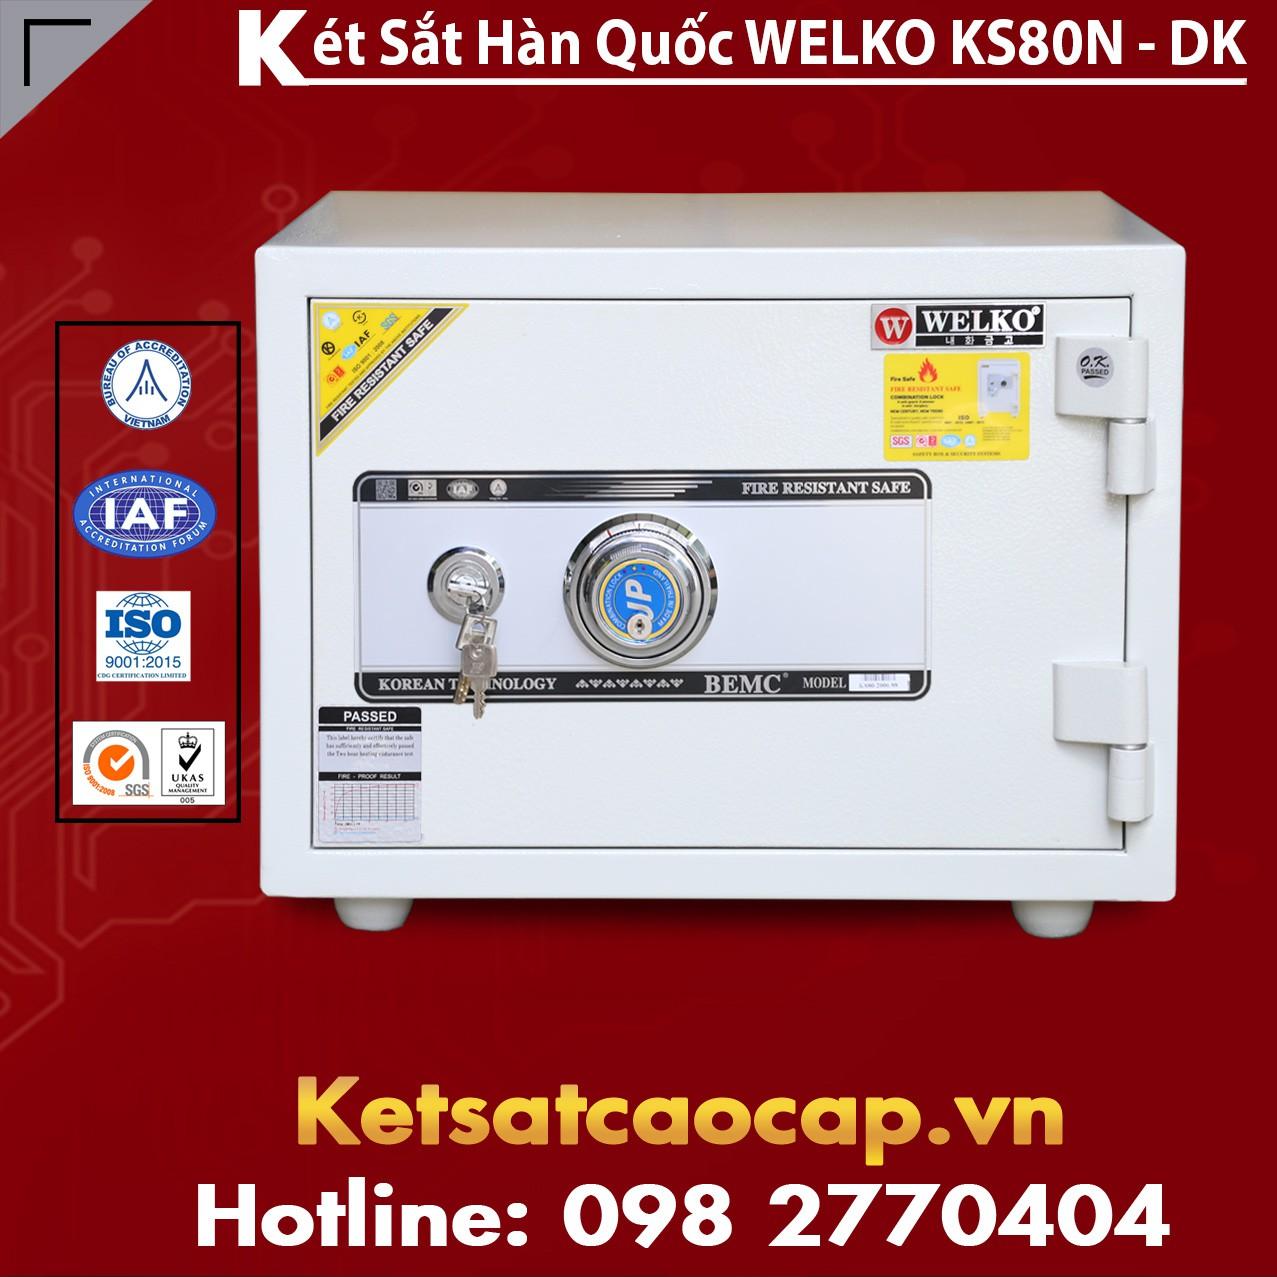 Két Sắt Văn Phòng KS80N - DK White